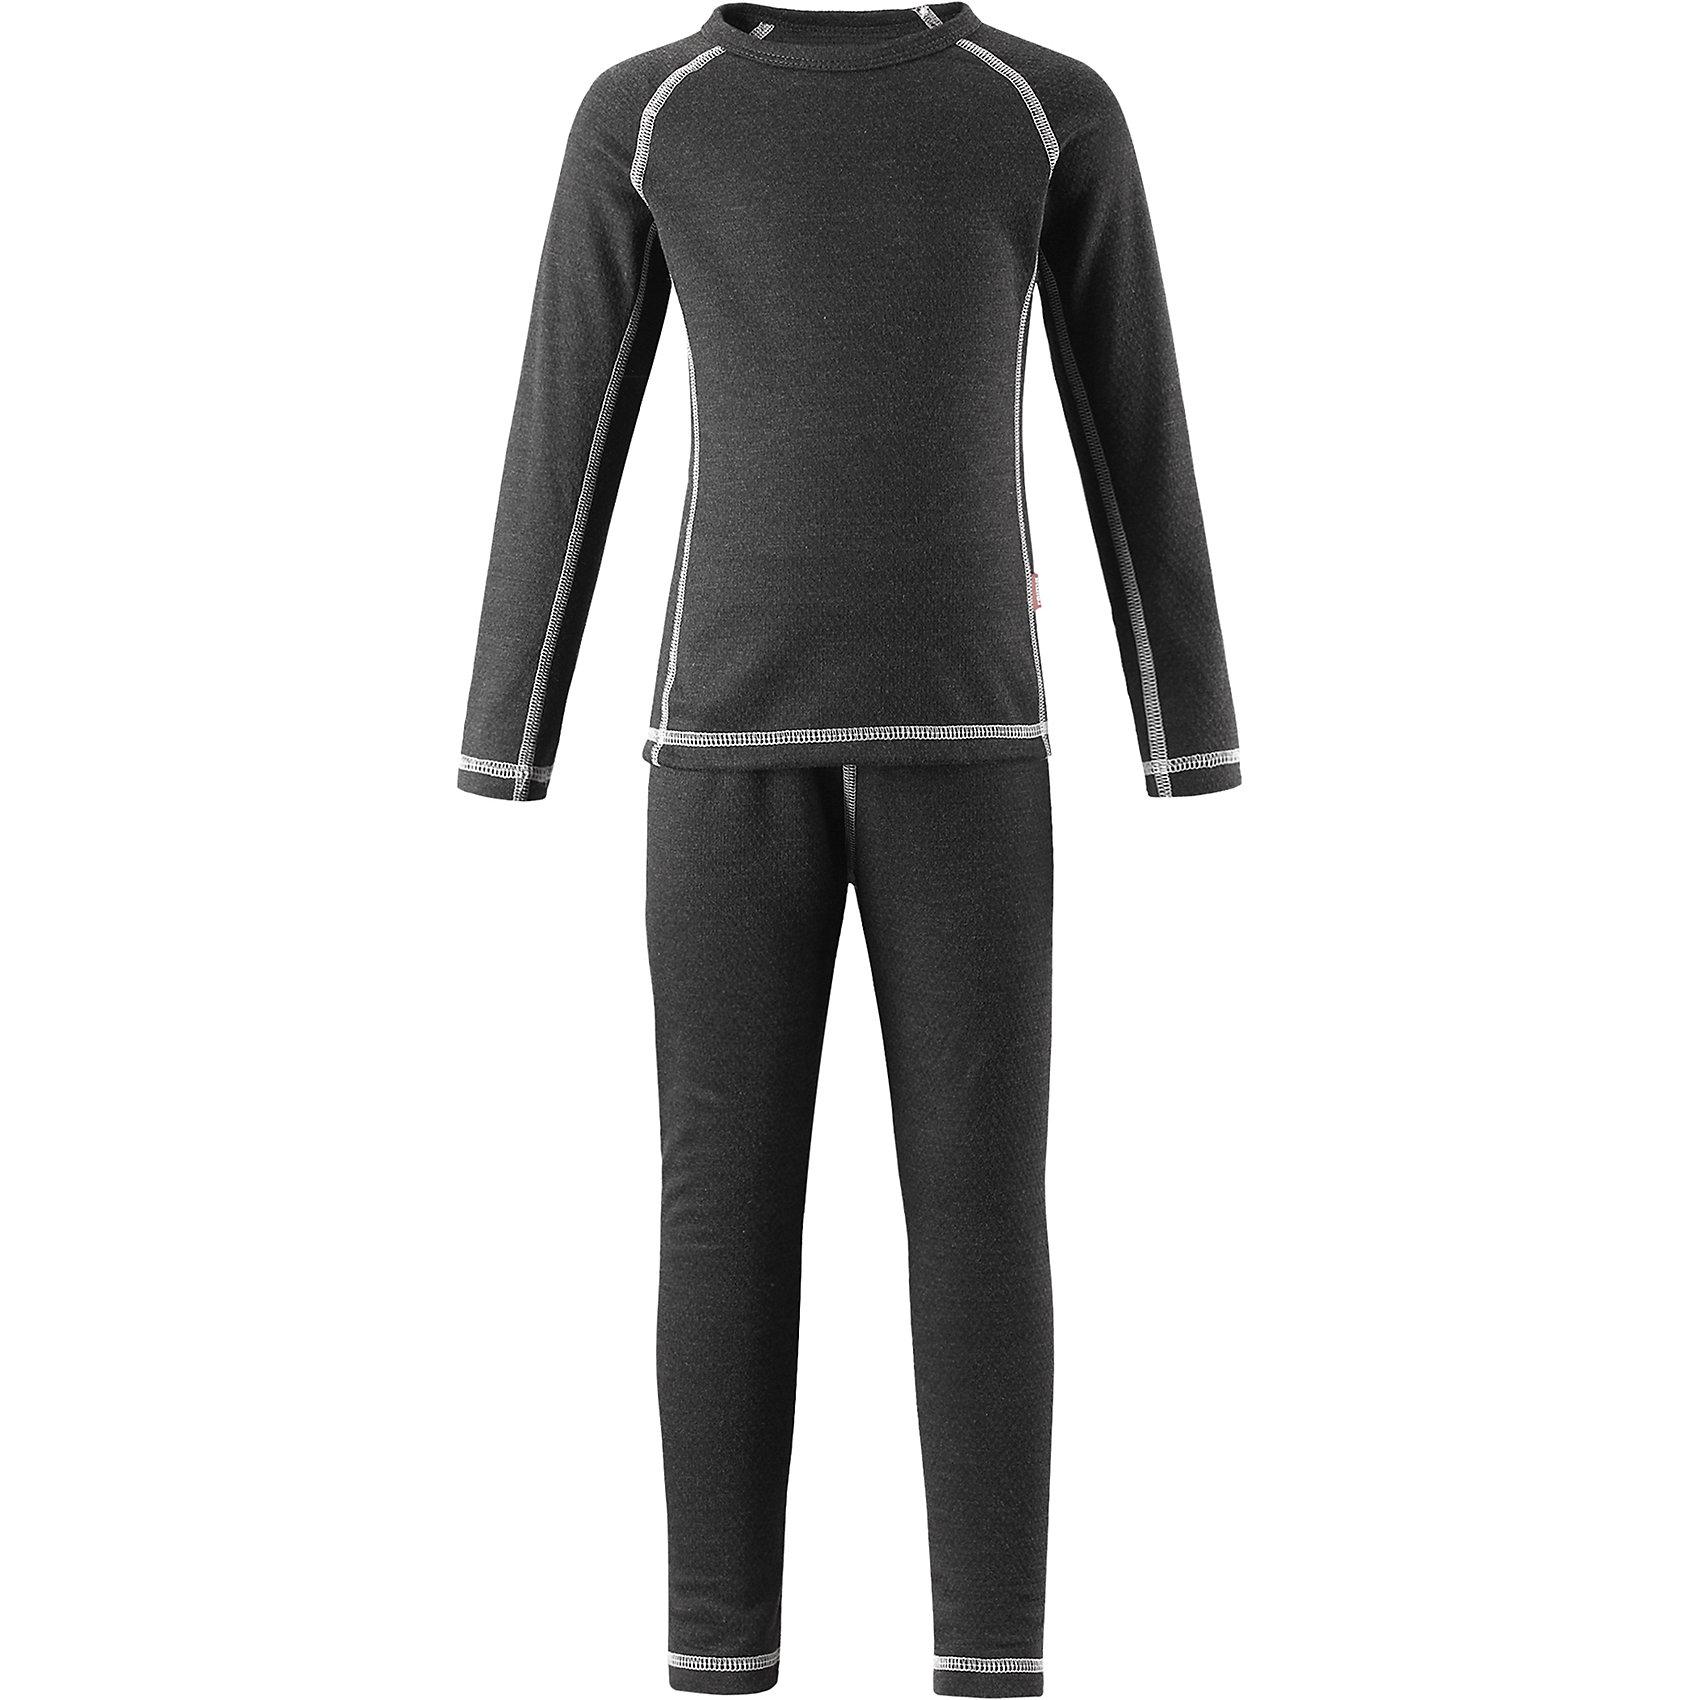 Комплект нижнего белья Lani ReimaФлис и термобелье<br>Благодаря практичному детскому базовому комплекту ваш ребенок может гулять и заниматься спортом в любую погоду. В этом комплекте ребенку будет сухо и тепло, ведь материал THERMOLITE®, из которого он сшит, эффективно отводит влагу от кожи в верхний слой одежды. Комплект очень удобный и приятный на ощупь, а тонкие плоские швы в замок не натирают кожу. Удлиненная спинка хорошо закрывает и дополнительно защищает поясницу, а лёгкая эластичная резинка на манжетах удобно облегает запястья. Создайте идеальное сочетание – наденьте комплект с теплым флисовым промежуточным слоем и функциональной верхней одеждой!<br>Состав:<br>43% Полиэстер THERMOLITE®, 53% Полиэстер, 4% Полиэстер Sorona<br><br>Ширина мм: 196<br>Глубина мм: 10<br>Высота мм: 154<br>Вес г: 152<br>Цвет: серый<br>Возраст от месяцев: 84<br>Возраст до месяцев: 96<br>Пол: Унисекс<br>Возраст: Детский<br>Размер: 160,80,90,100,110,120,130,140,150<br>SKU: 6904550